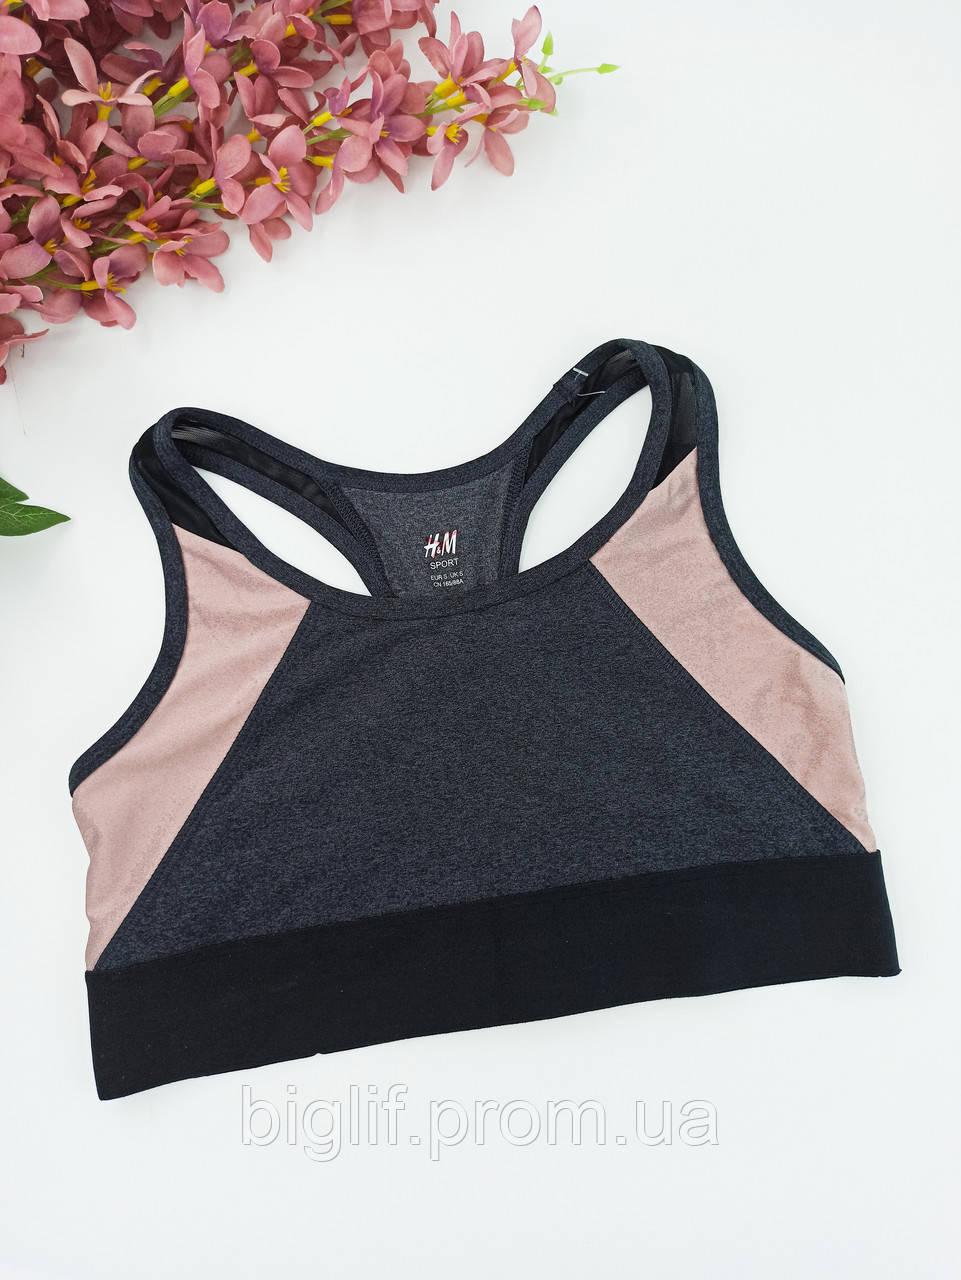 Топик для фитнеса и йоги H&M без поролона удлиненный S черный с какао (080501119)